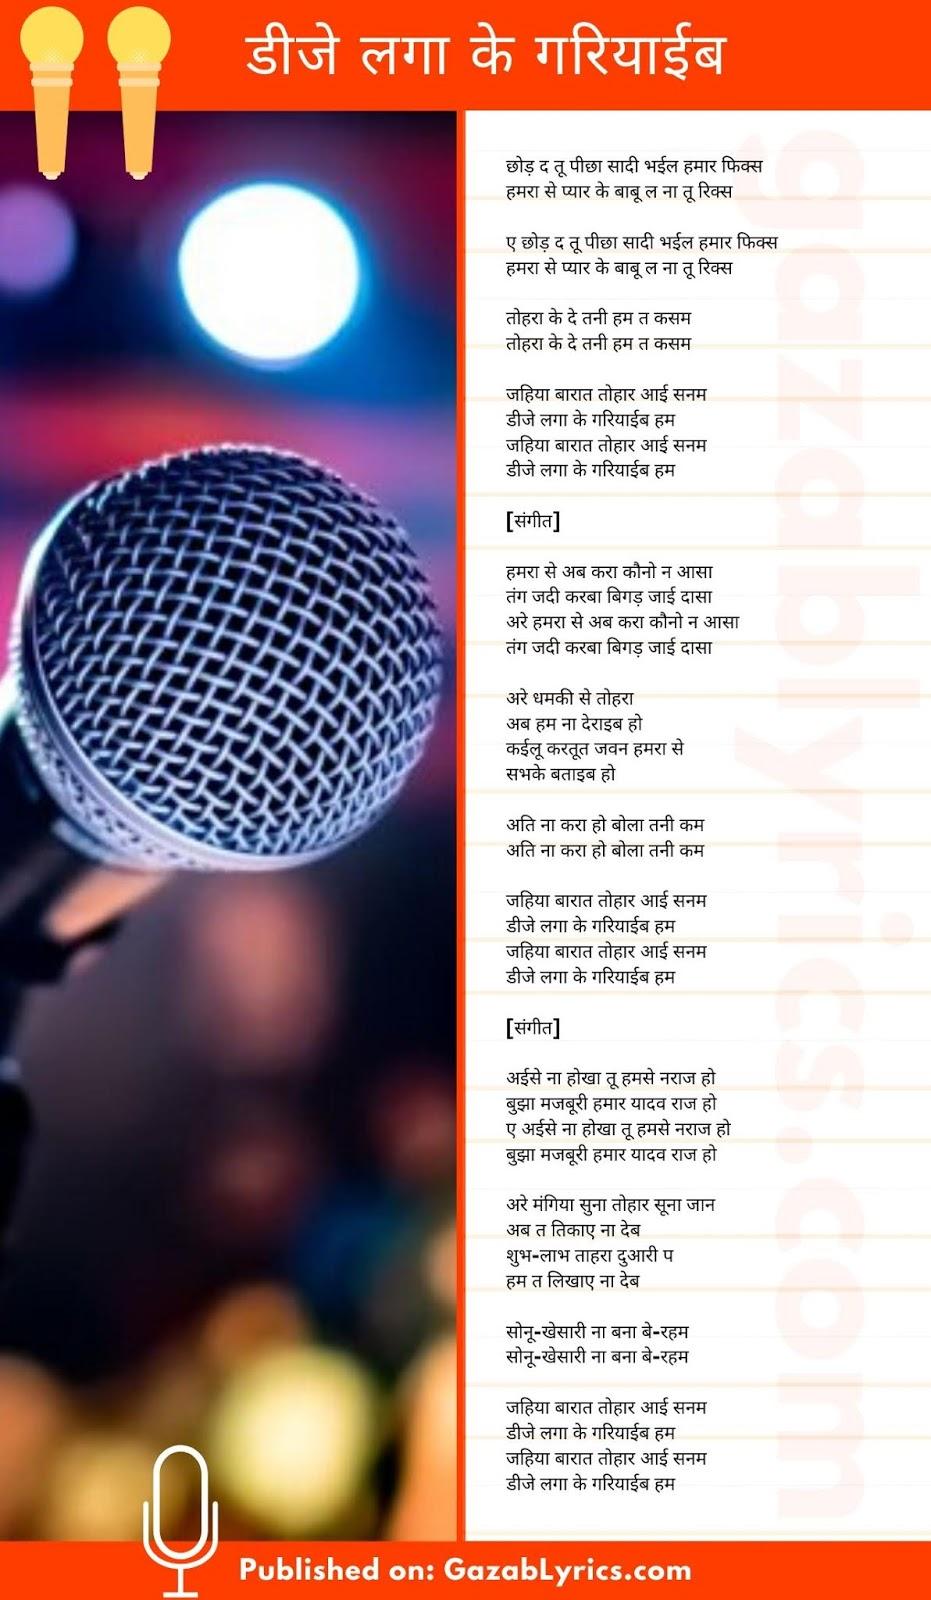 DJ Laga Ke Gariyaib song lyrics image